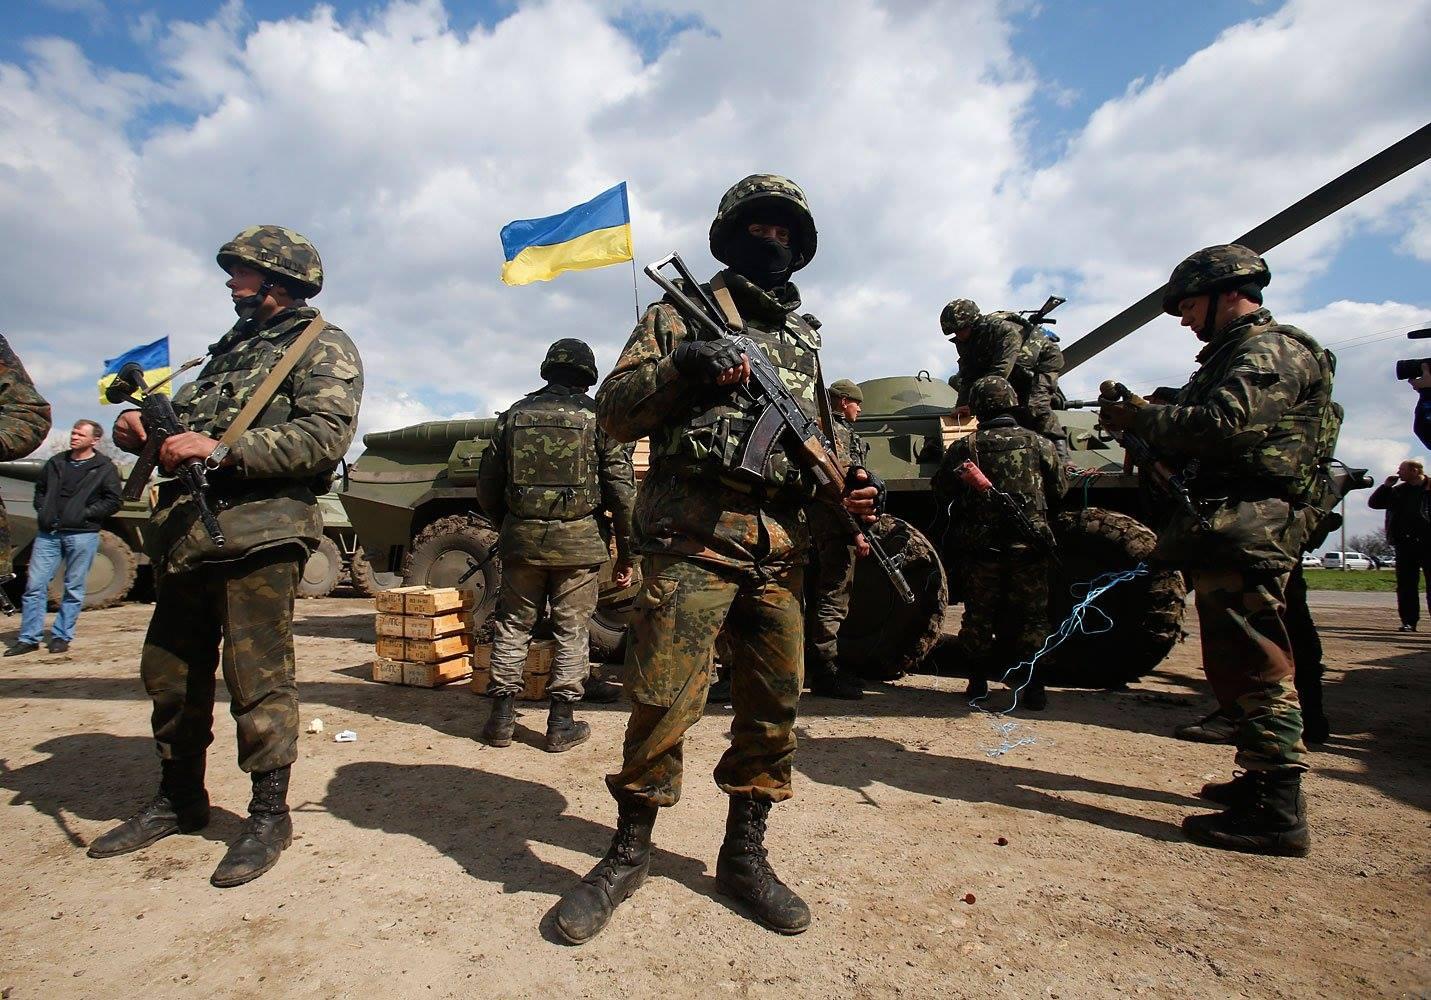 L'invasion Russe en Ukraine - Page 30 34069010